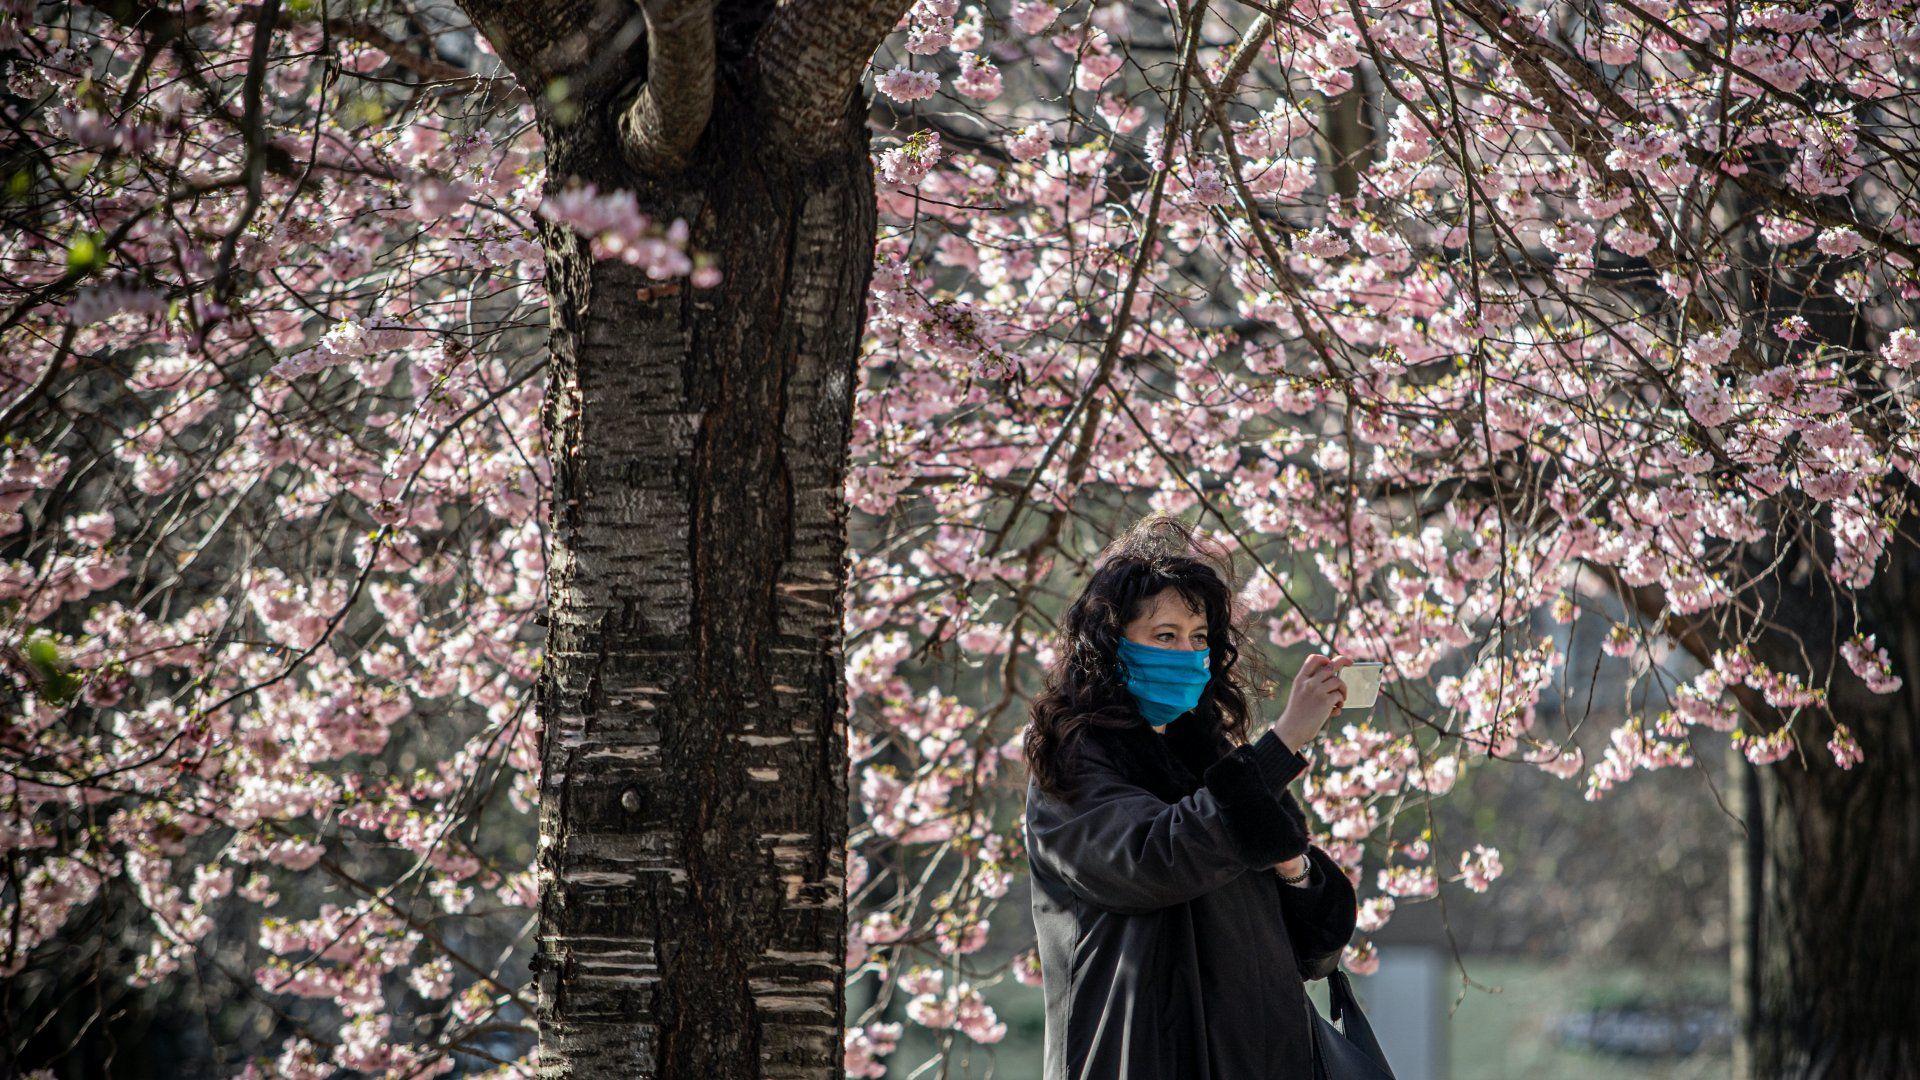 Védőmaszkot viselő nő sétál egy prágai parkban 2020. március 25-én, miután a cseh kormány kijárási korlátozásokat rendelt el a Covid-19 járvány megfékezése érdekében (Fotó: MTI/EPA/Martin Divisek)